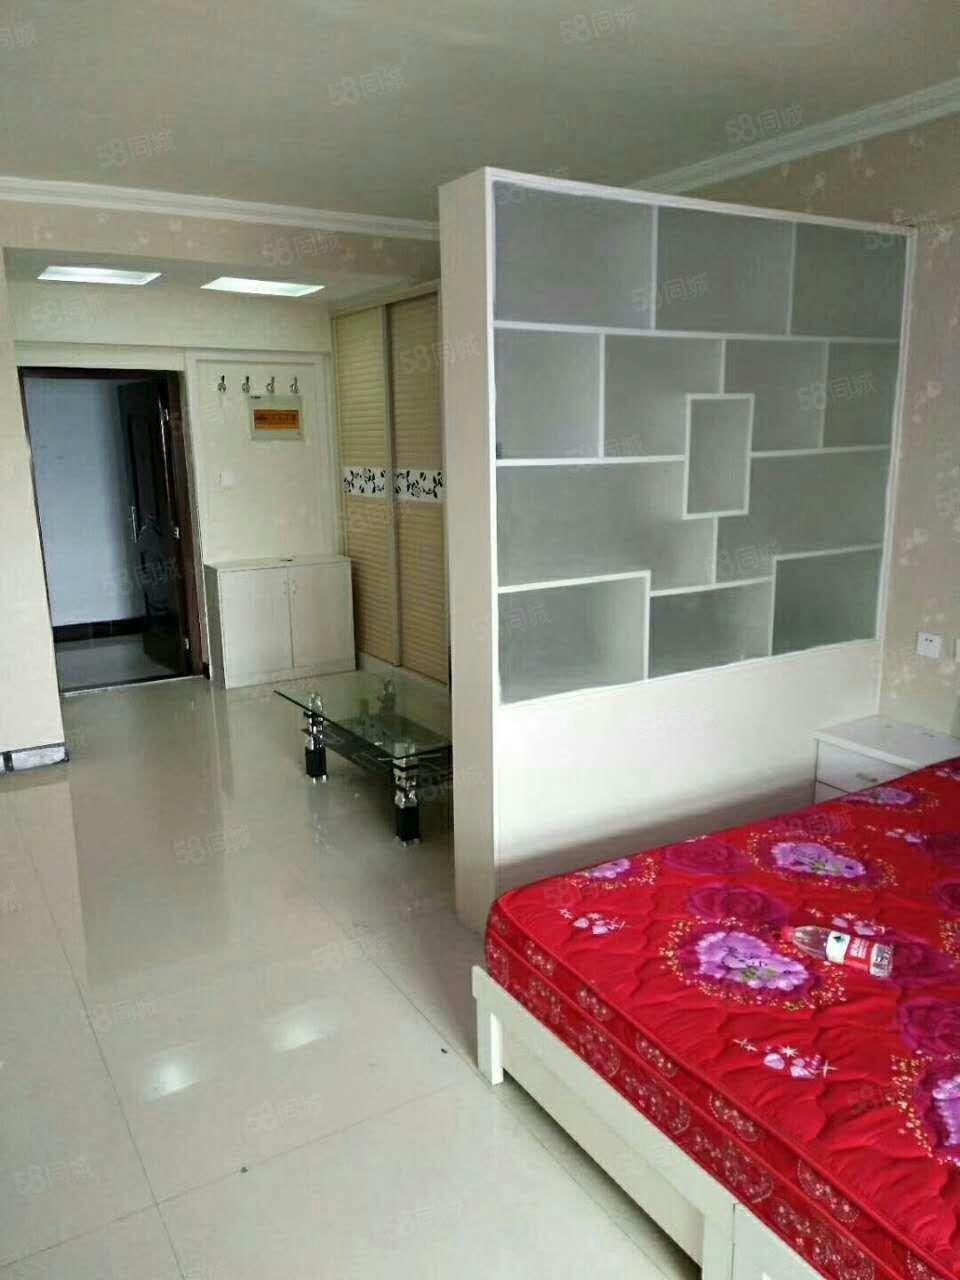 澳门银河注册(万和公寓)1室1厅精装修有家具家电可拎包入住年付